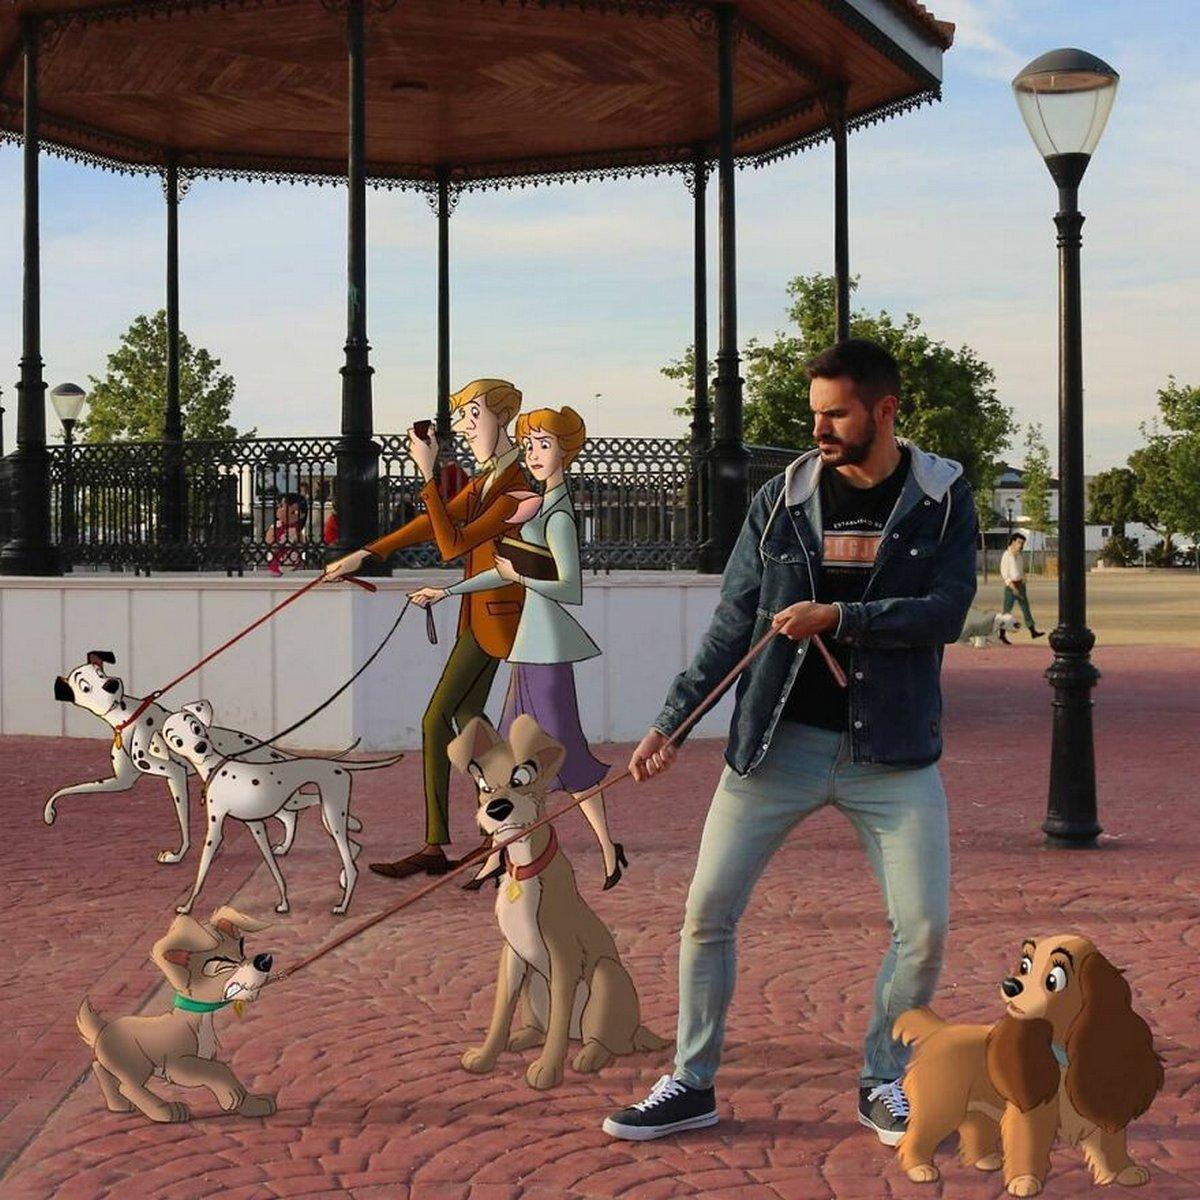 Cet homme continue d'insérer des personnages Disney dans ses photos et on dirait qu'ils s'amusent comme des fous